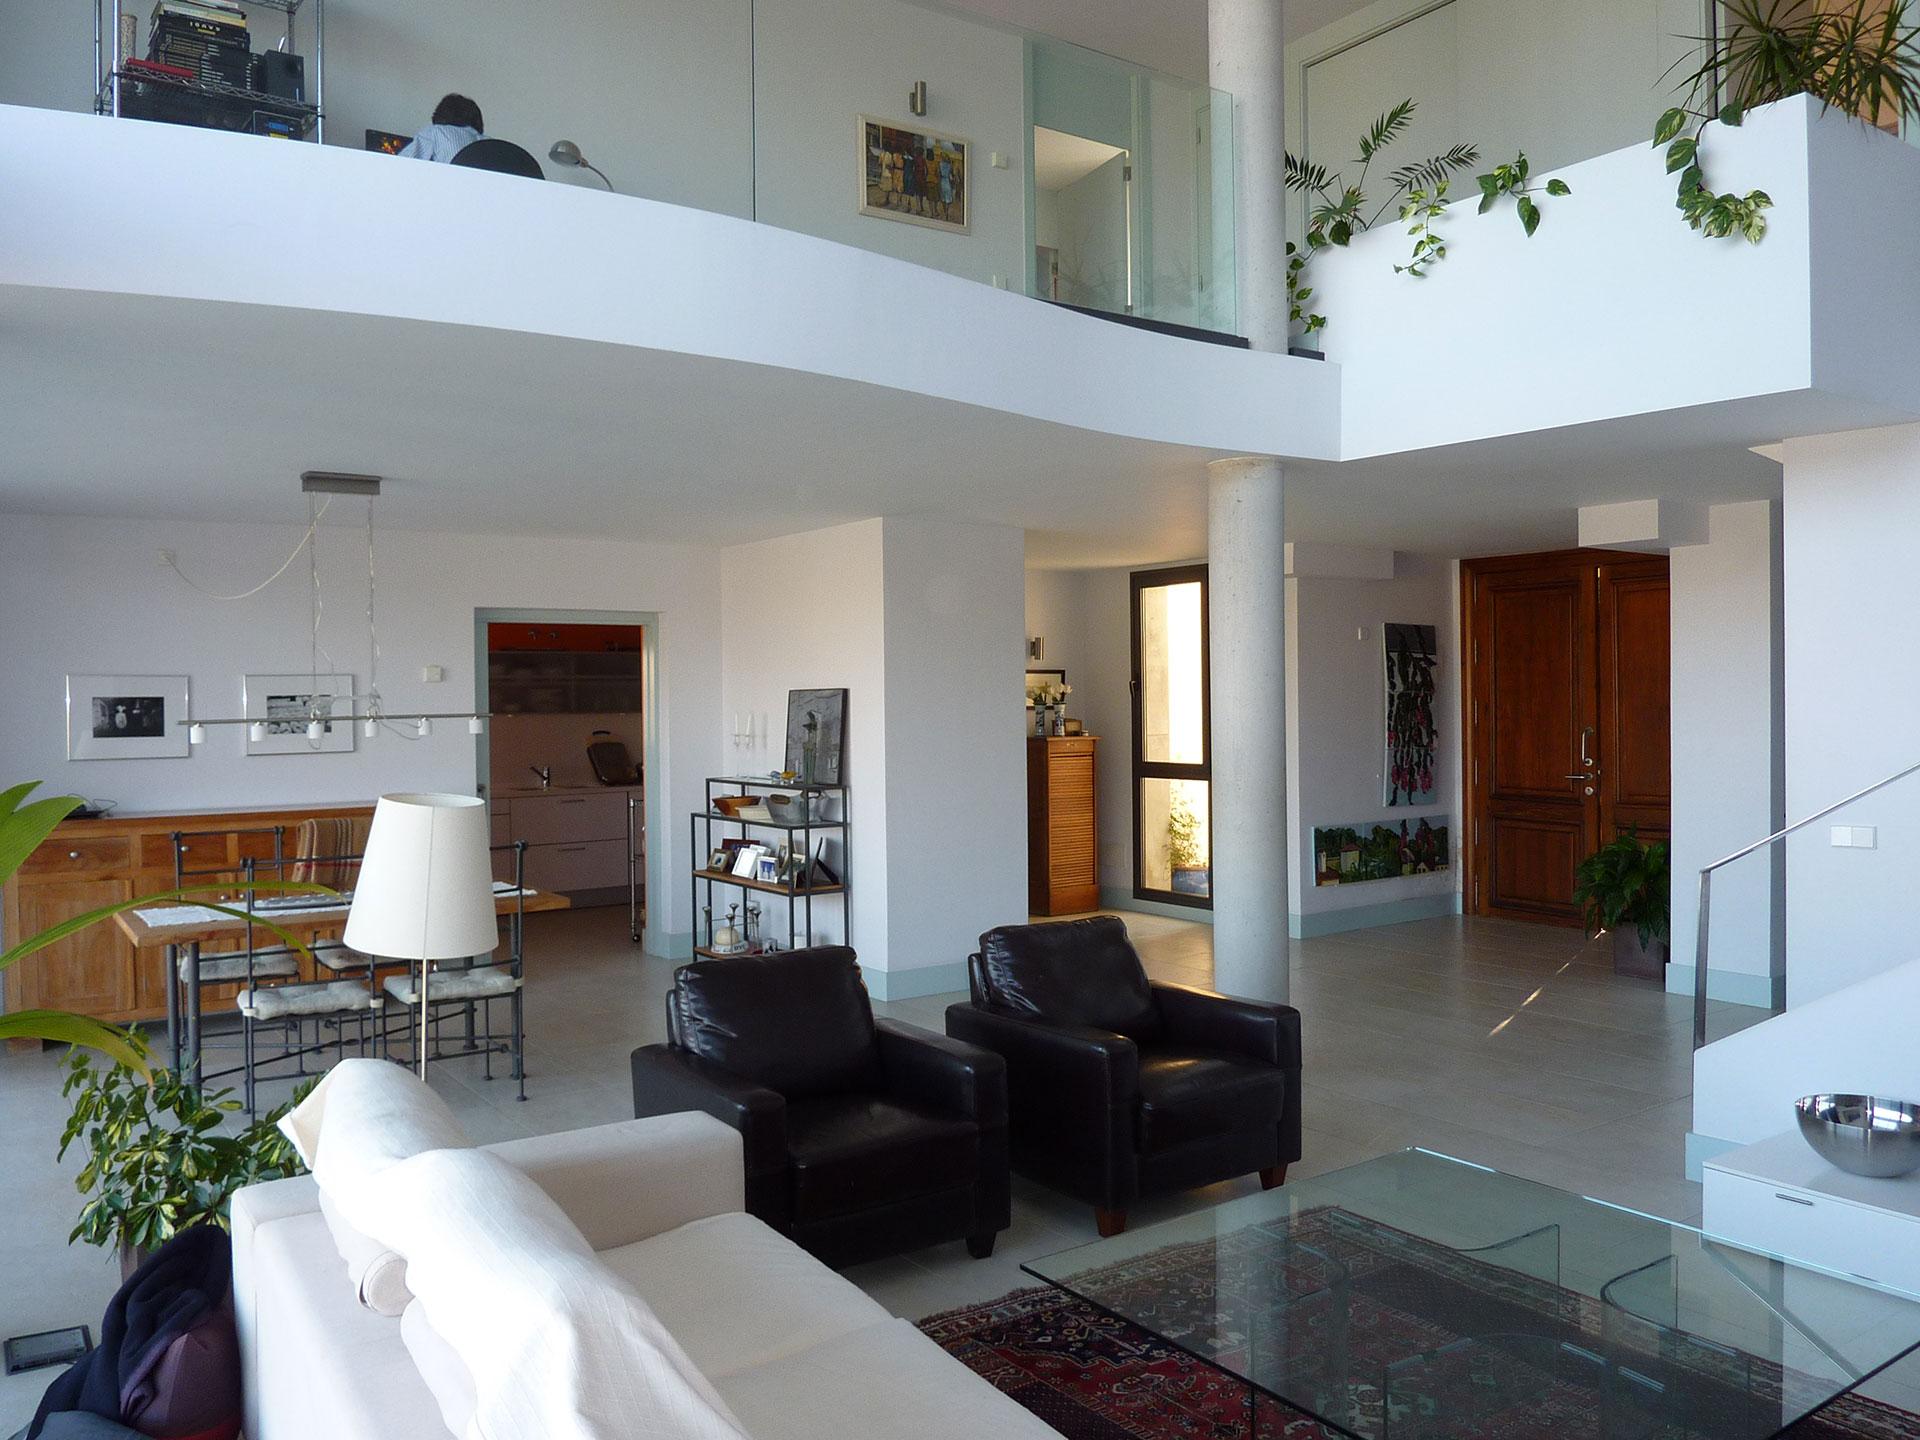 Viviendas palma de mallorca finest foto de casa adosada - Home staging mallorca ...